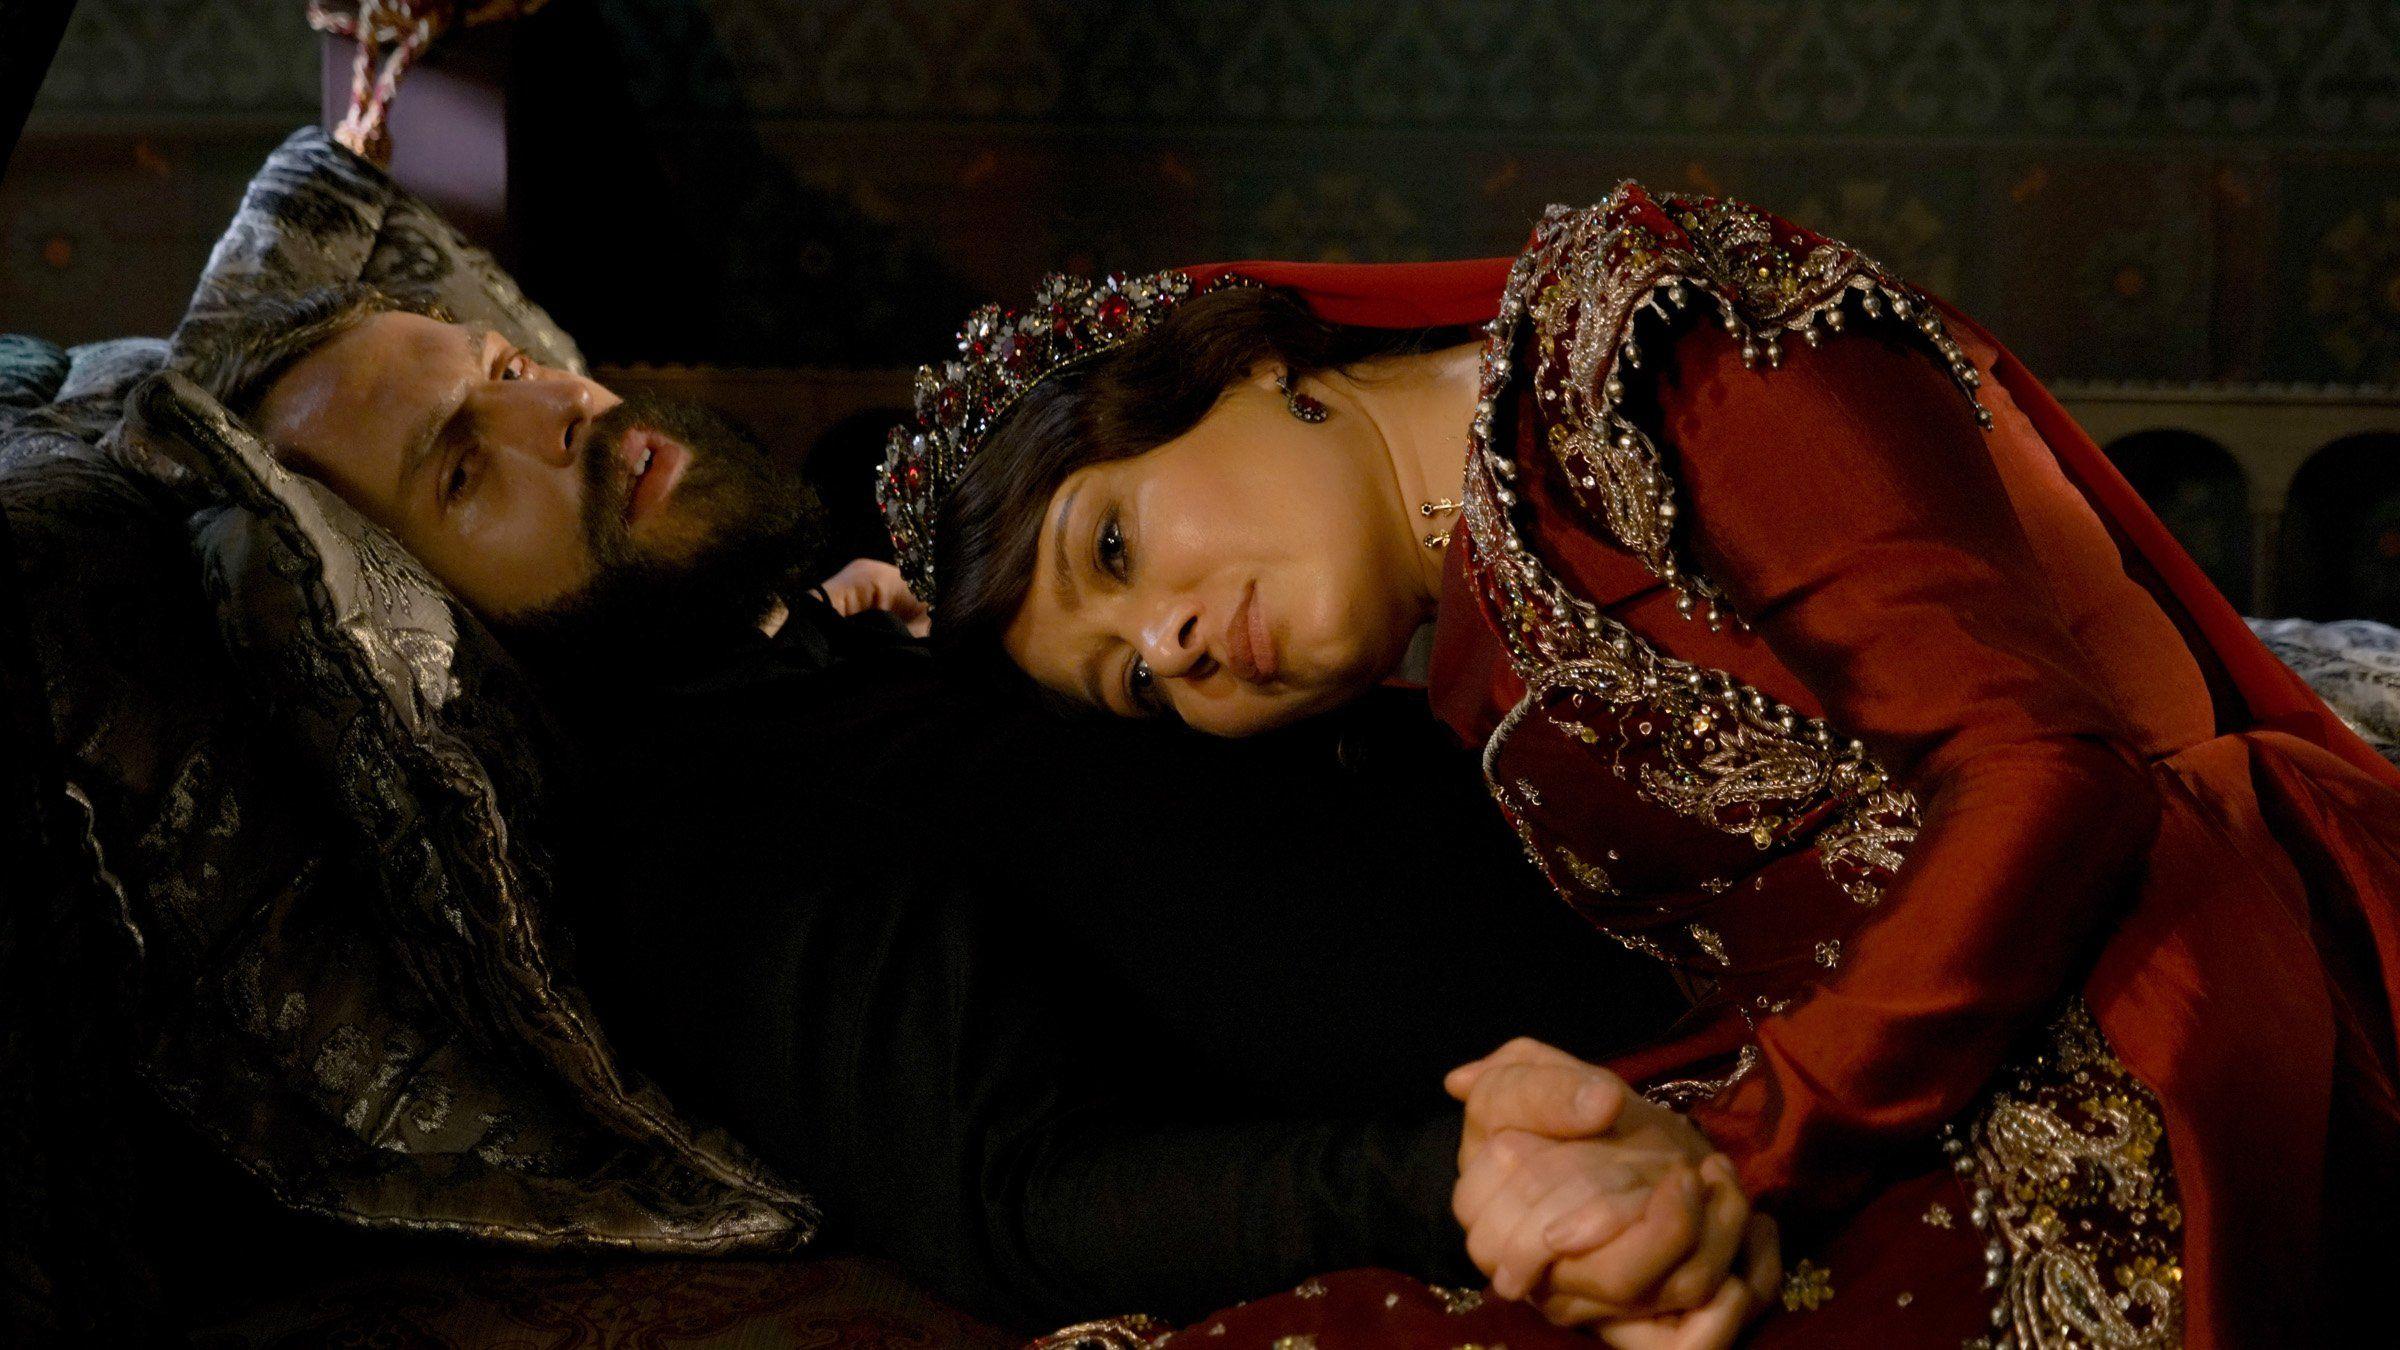 Султан Мурад IV – сын Ахмеда и Кёсем. Кровавый султан. Реальная биография. Великолепный век 8